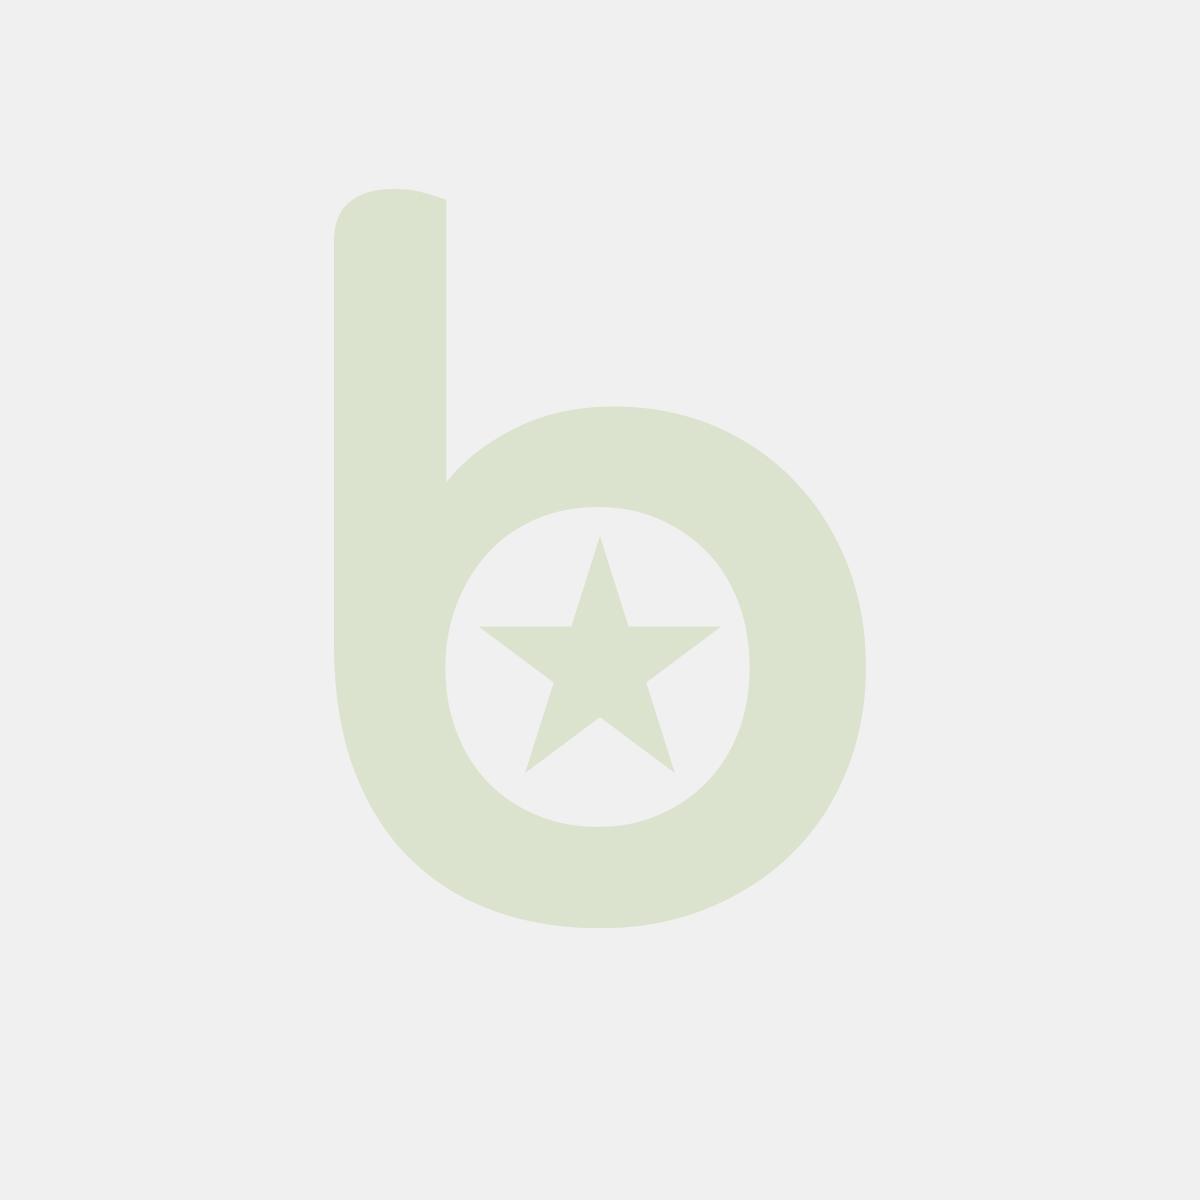 bf975a9d7 Kapelusz kowbojski-strach na wróble, cena za 1 sztukę - Czapeczki i  kapelusze - Dekoracje Imprezowe - Dekoracje - BAGSTAR